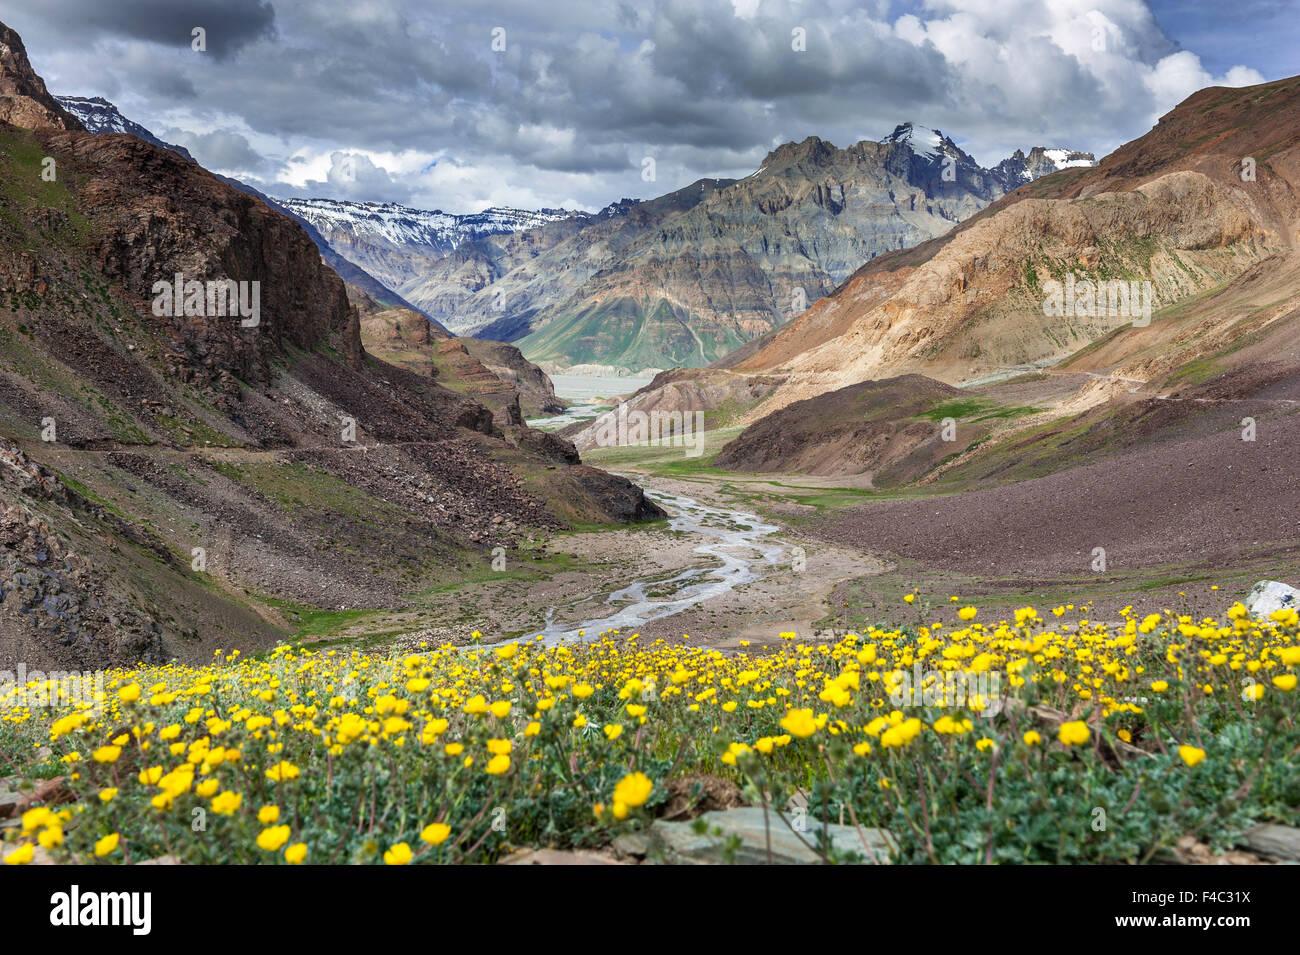 Valle dei fiori sul modo di Kaza in Himachal Pradesh Immagini Stock